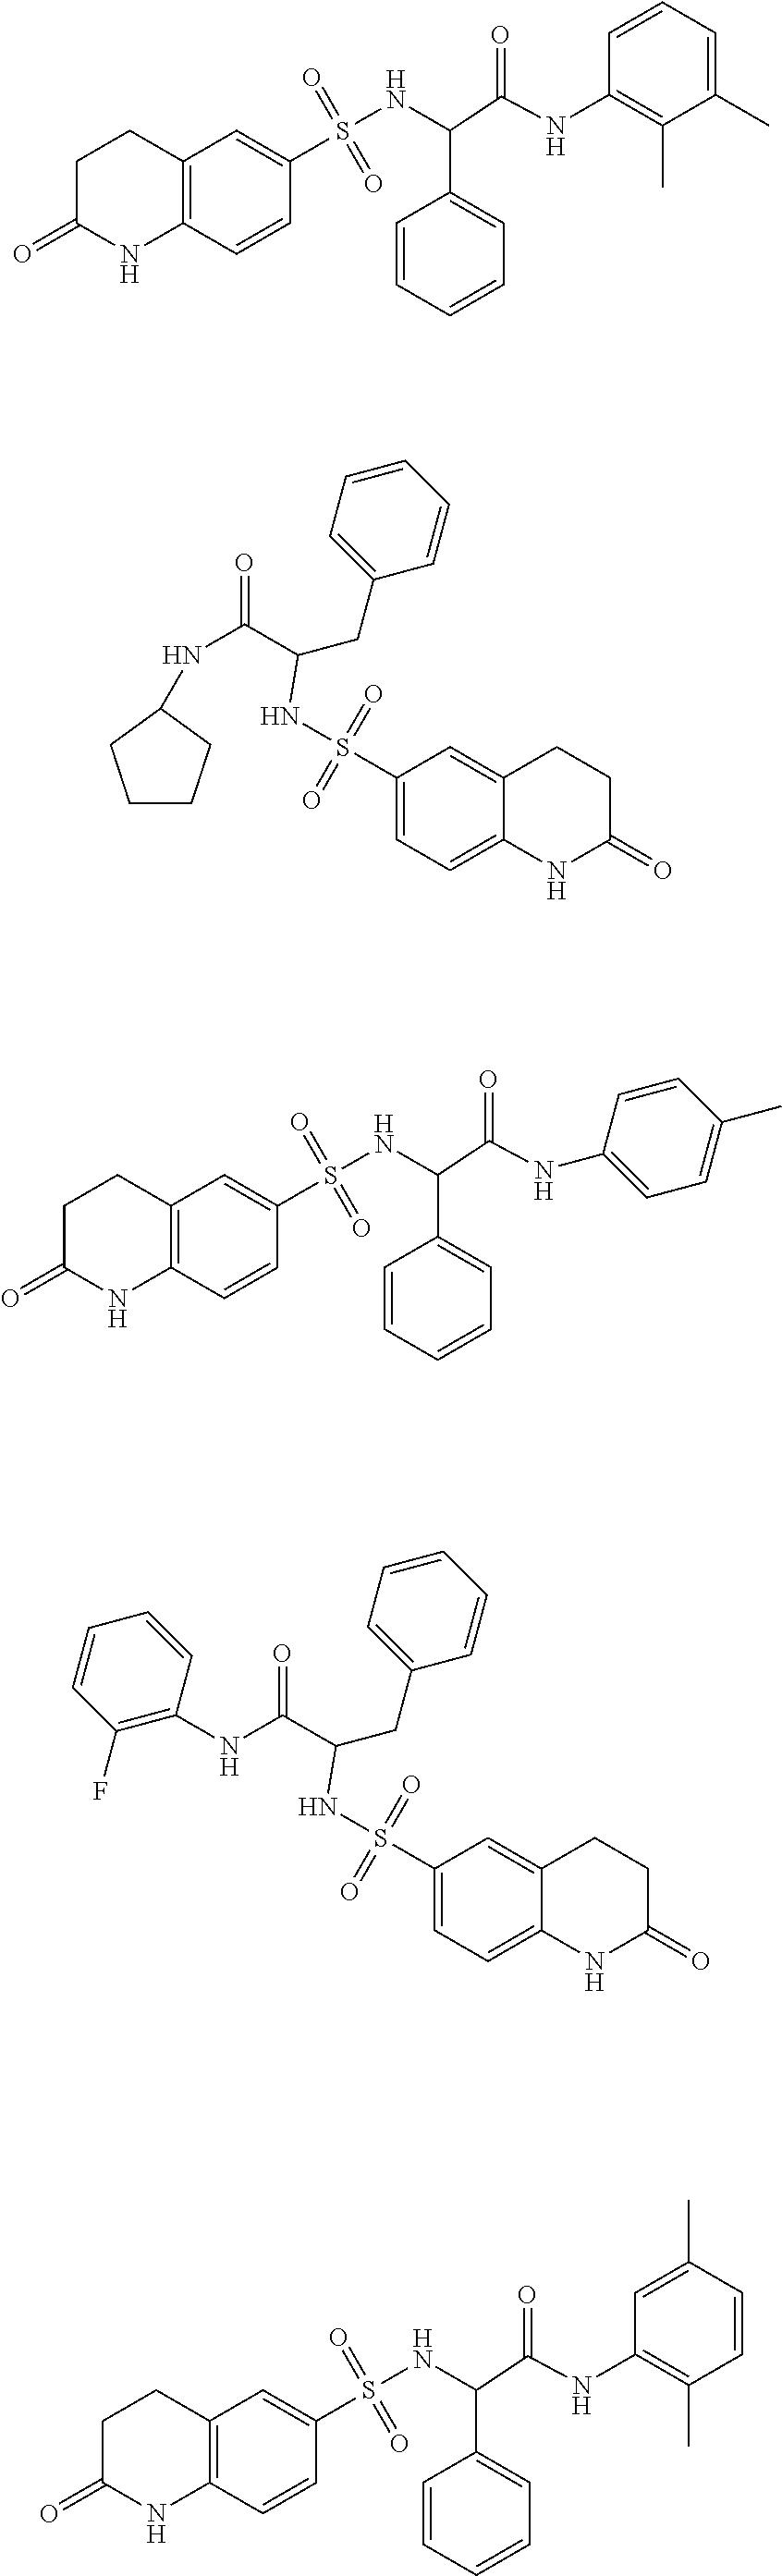 Figure US08957075-20150217-C00009